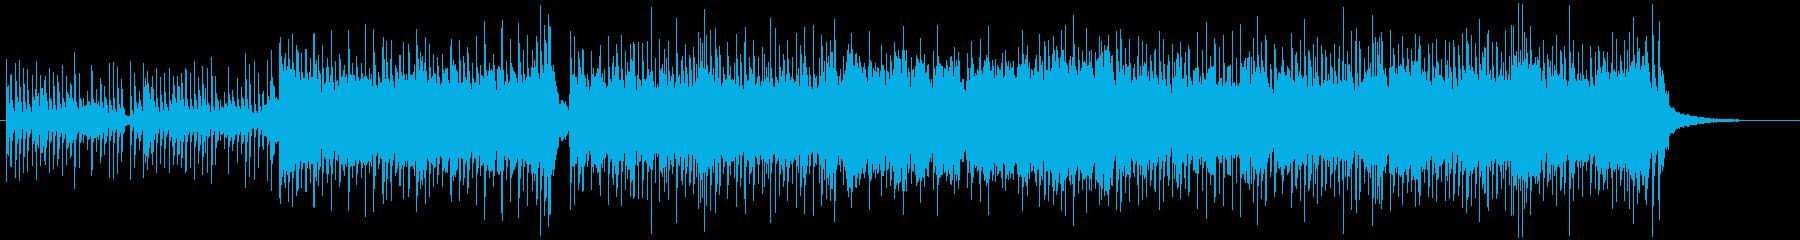 和風、三味線メタル2、激しい(声なし)cの再生済みの波形